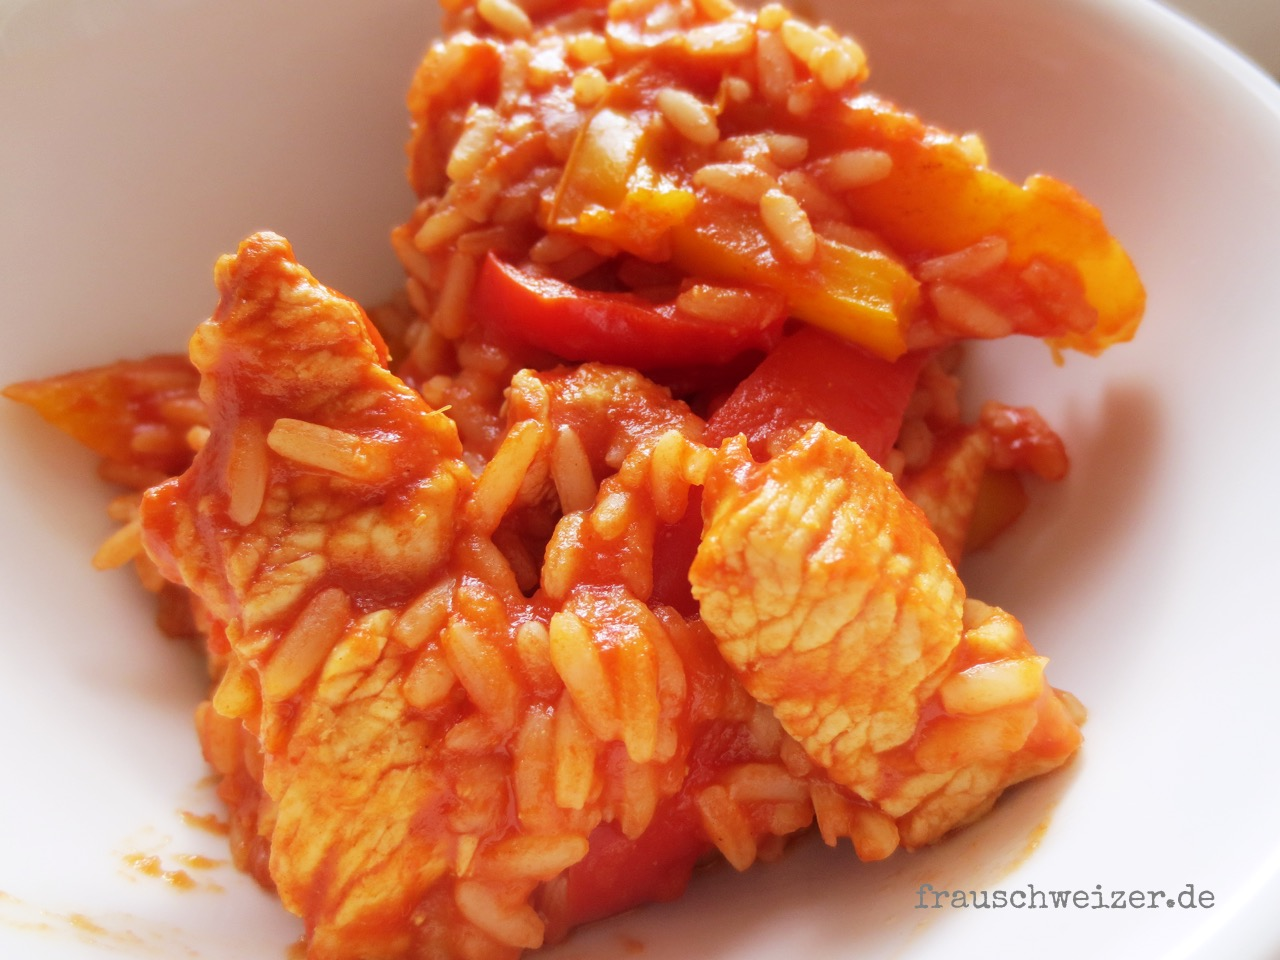 Serbisches Reisfleisch 1